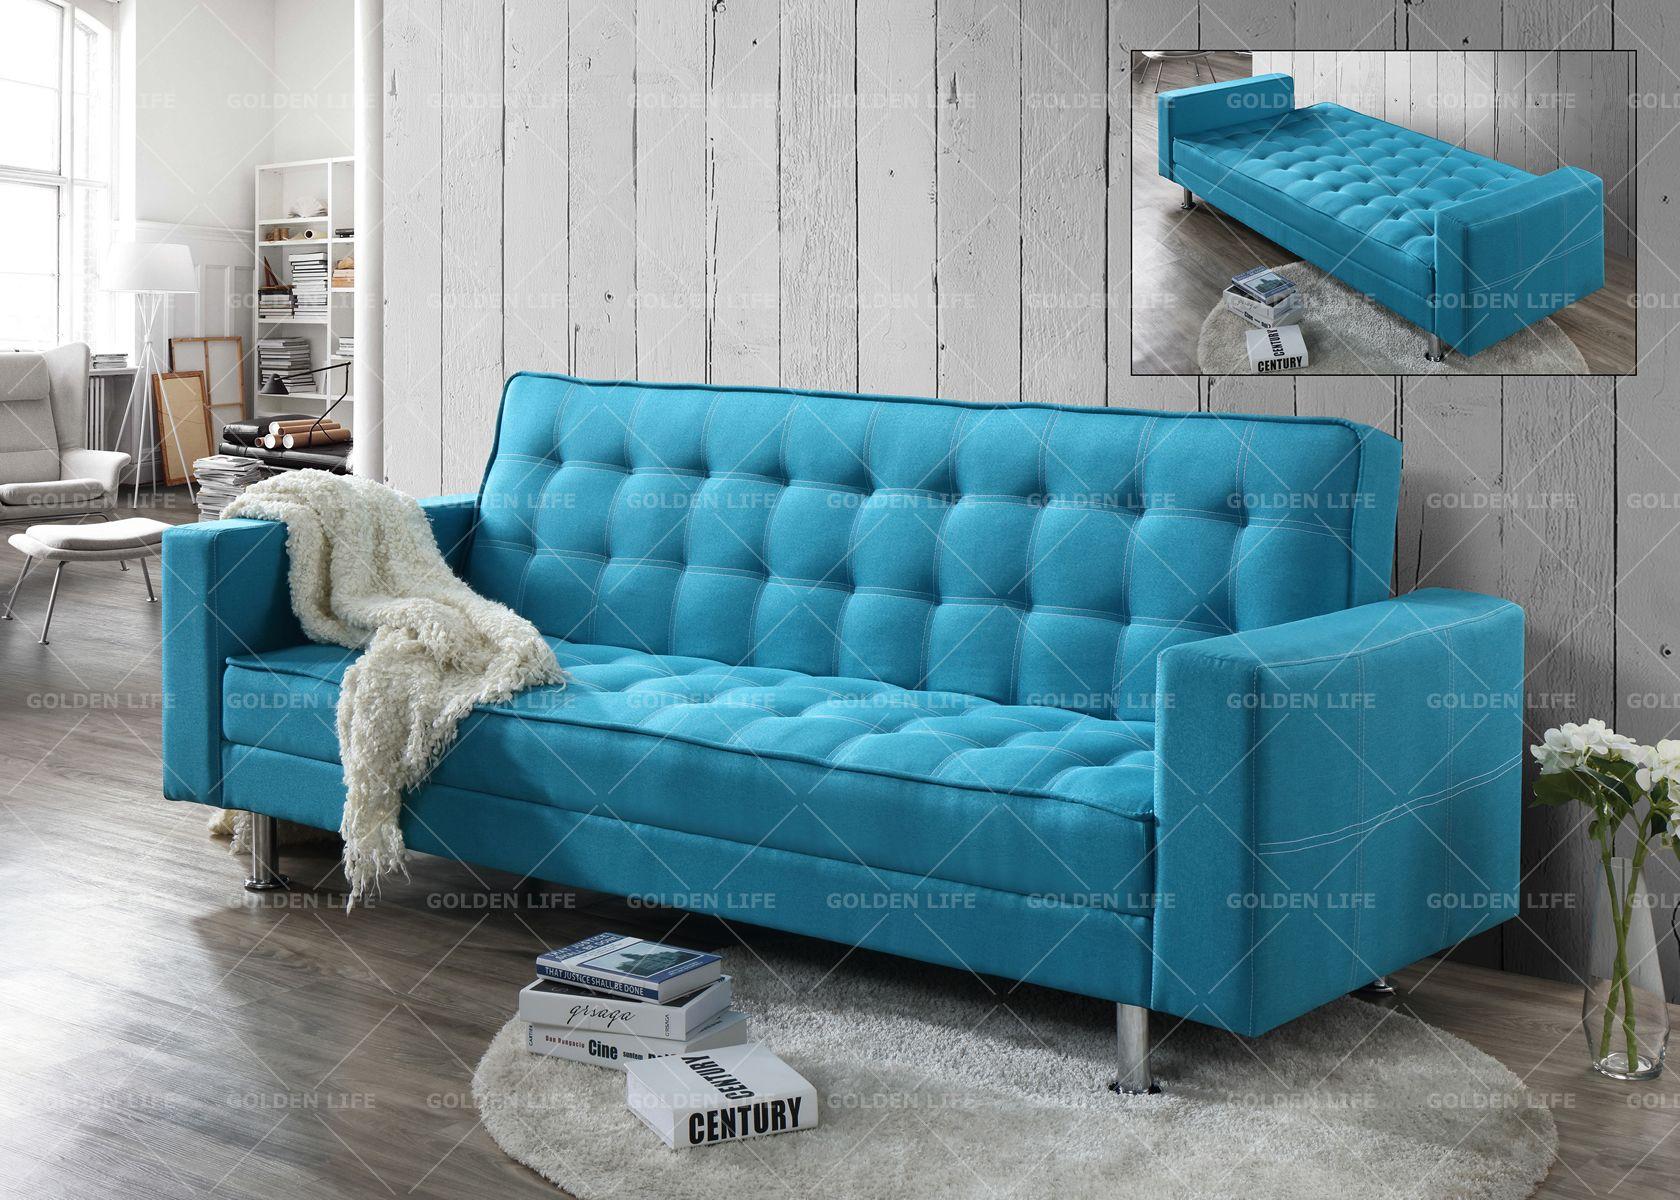 Turquoise Sofa Bed Allie Jade Sofa Living Es Thesofa